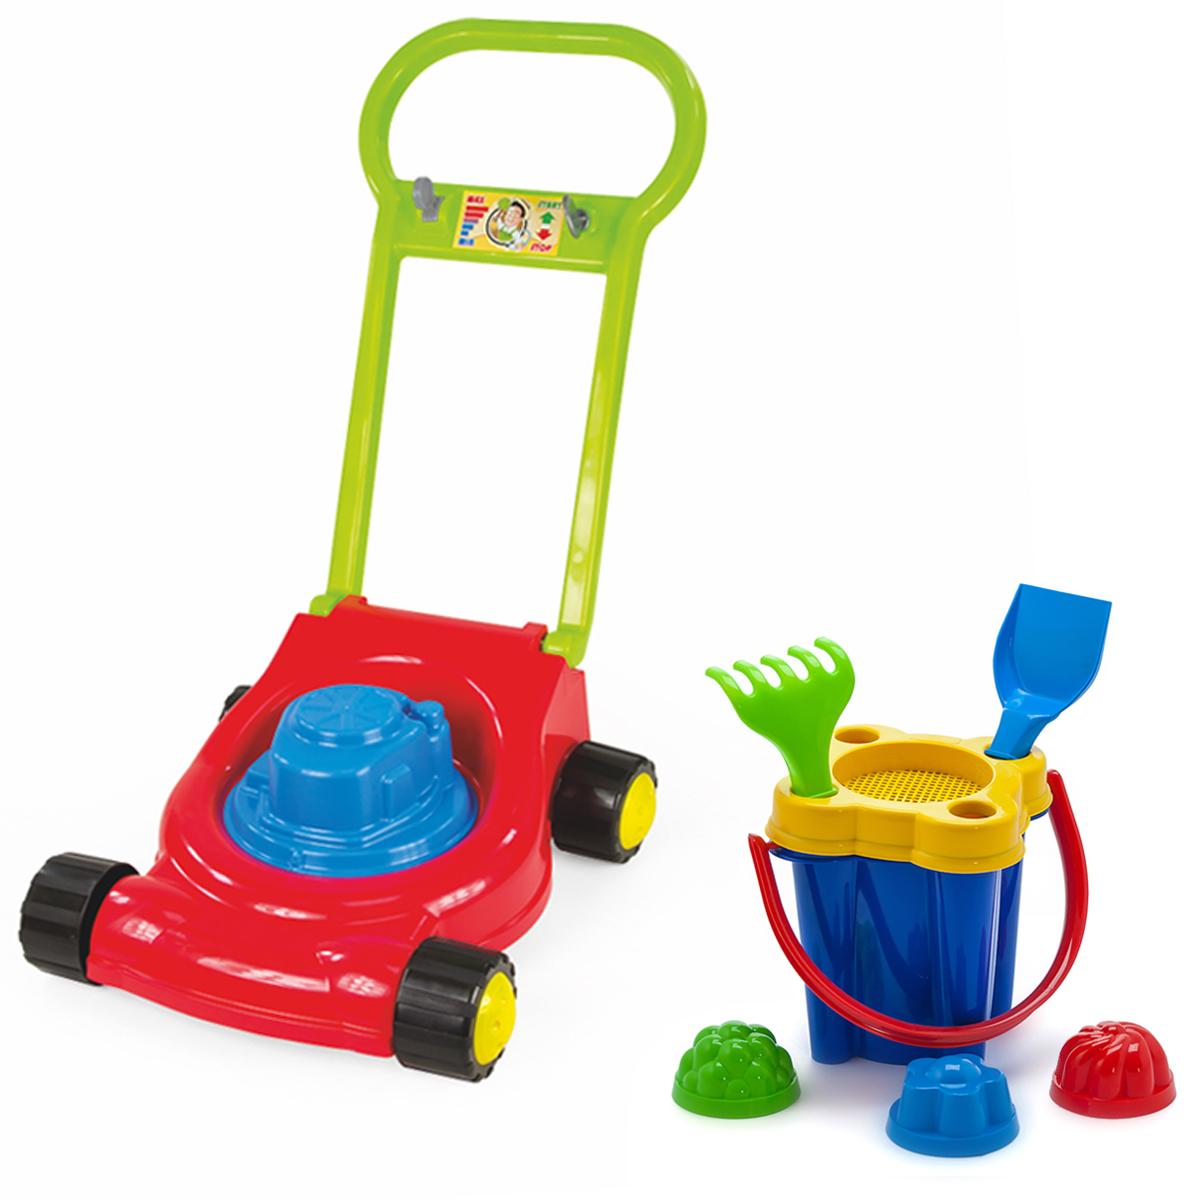 Купить Игровой набор: Детская газонокосилка (15-10631)+ Песочный набор Замок (40-0102), ZEBRATOYS, Играем в садовода